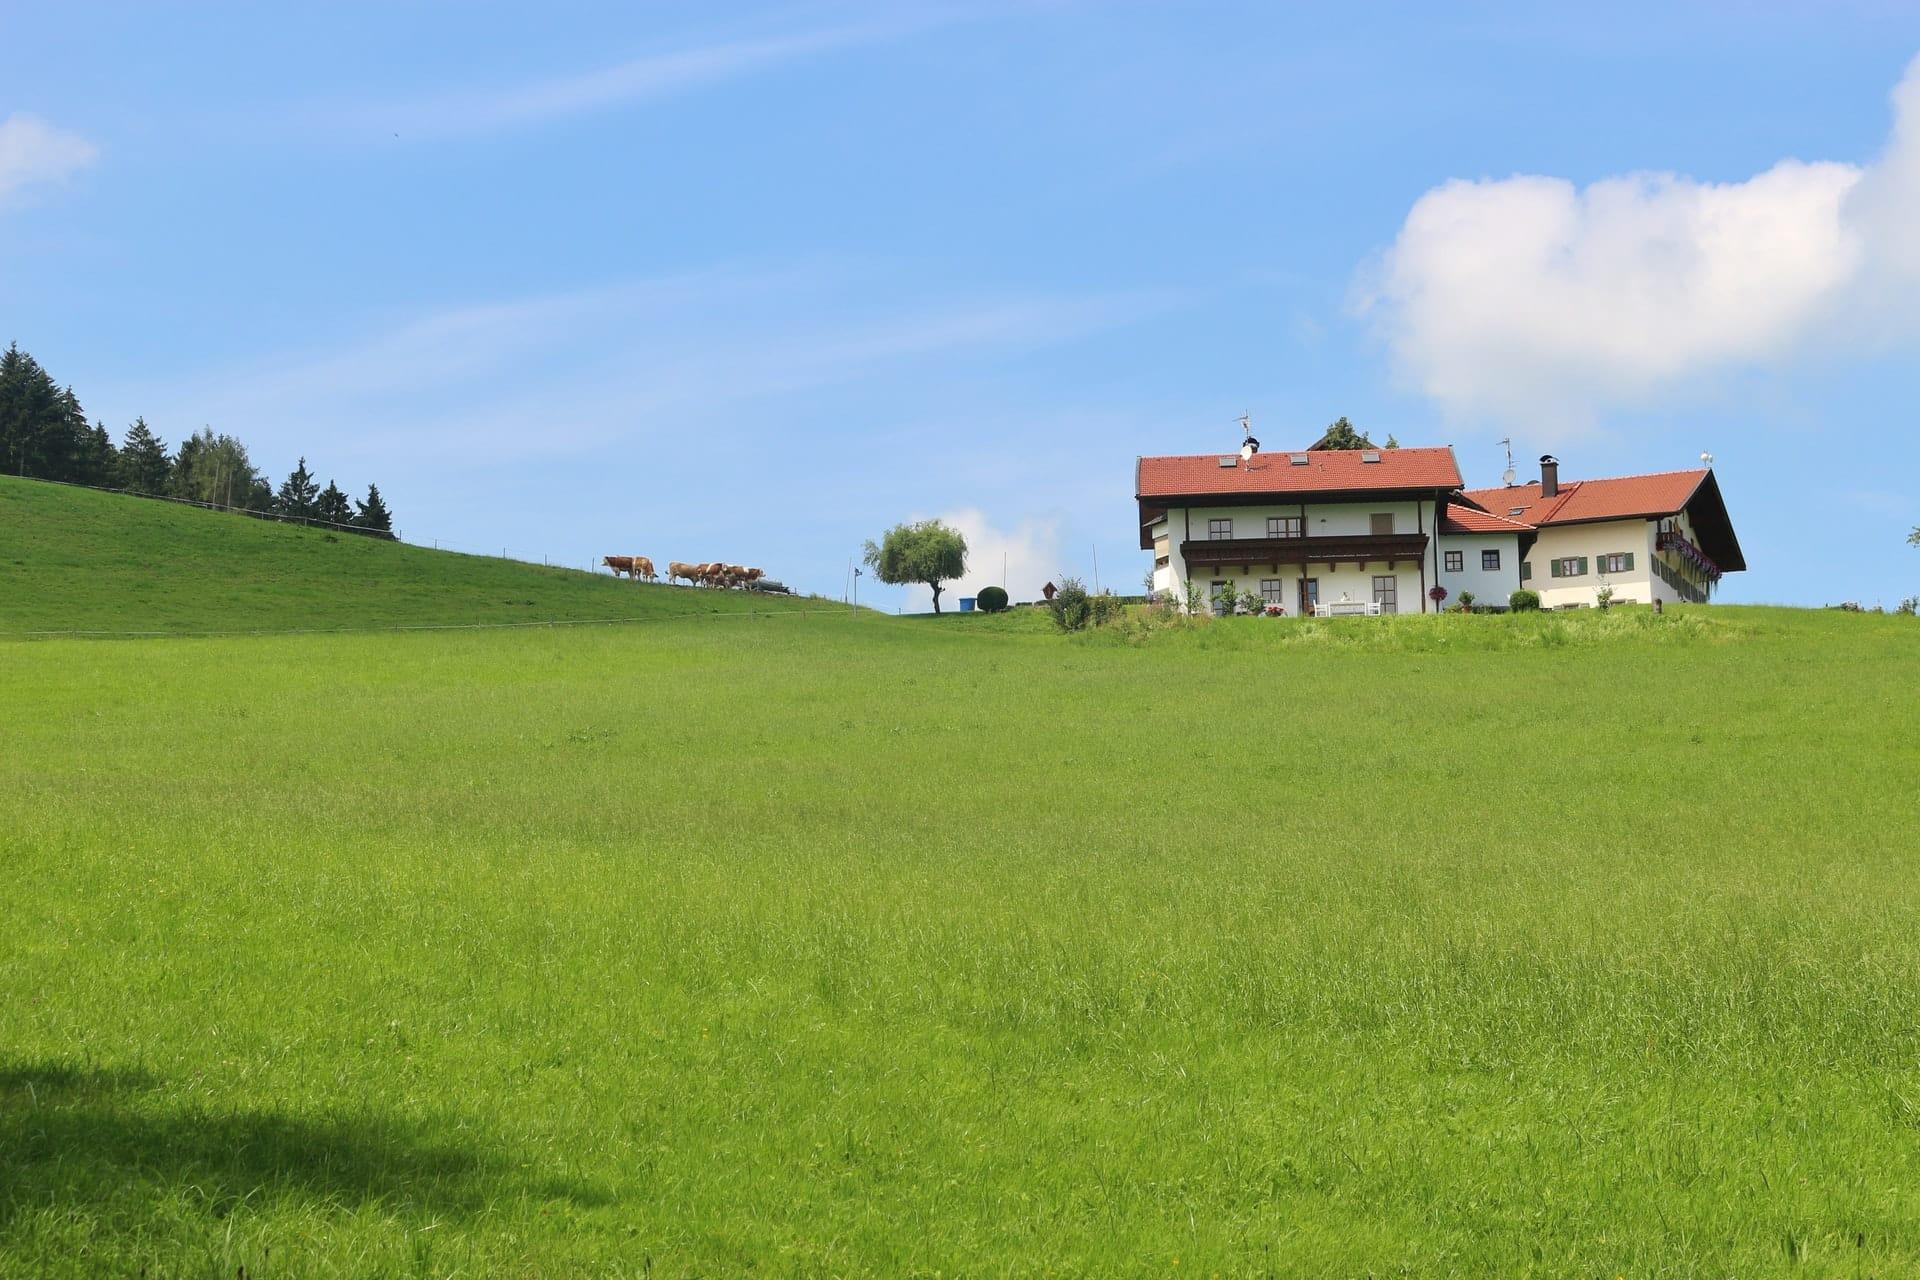 Comment transformer un bâtiment agricole en habitation ?